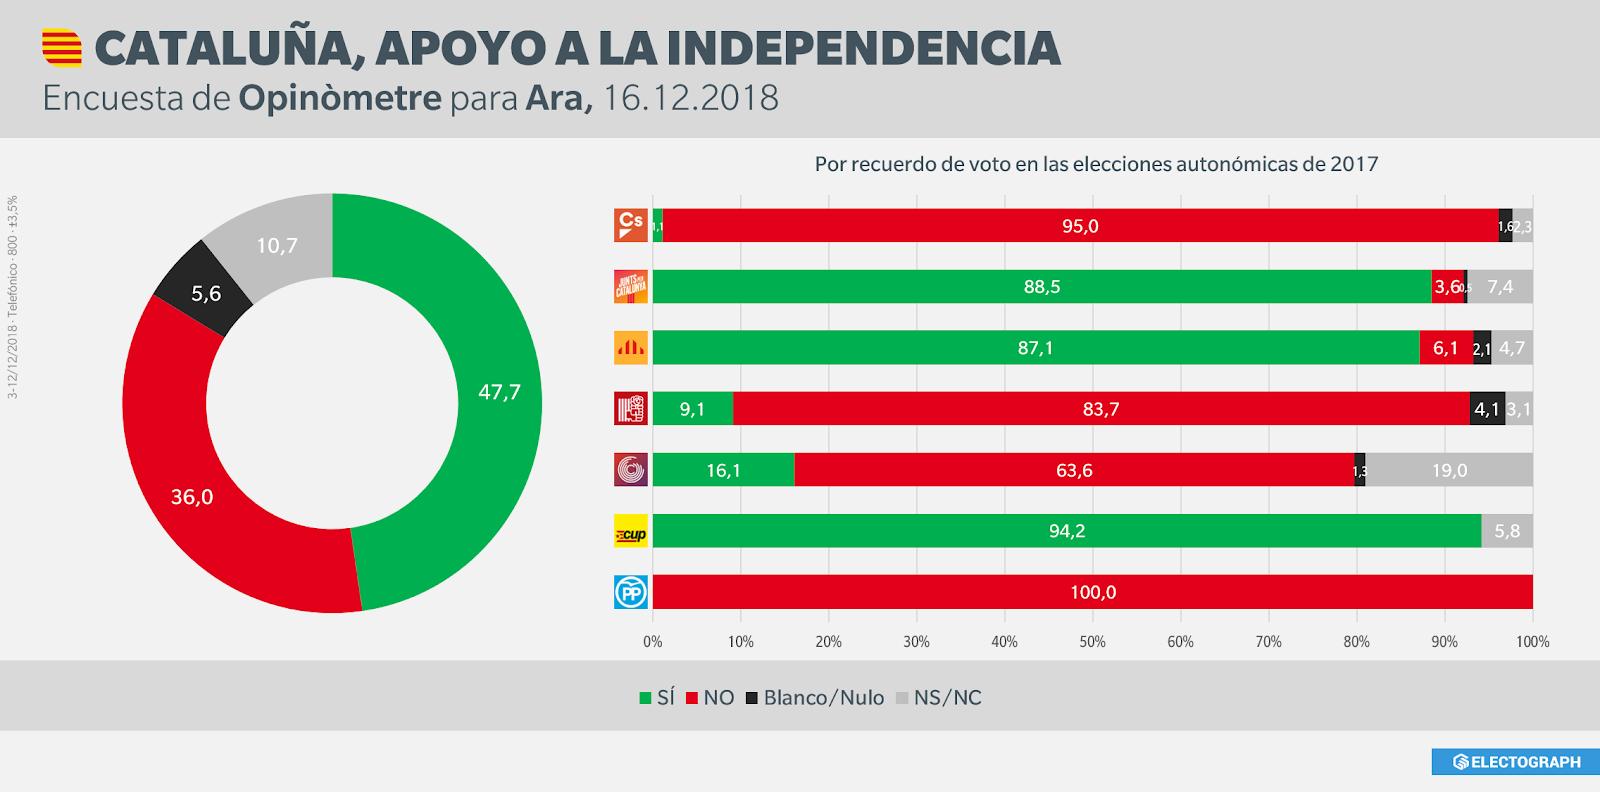 Gráfico de la encuesta sobre el apoyo a la independencia de Cataluña realizada por Opinòmetre para Ara, 16 de diciembre de 2018